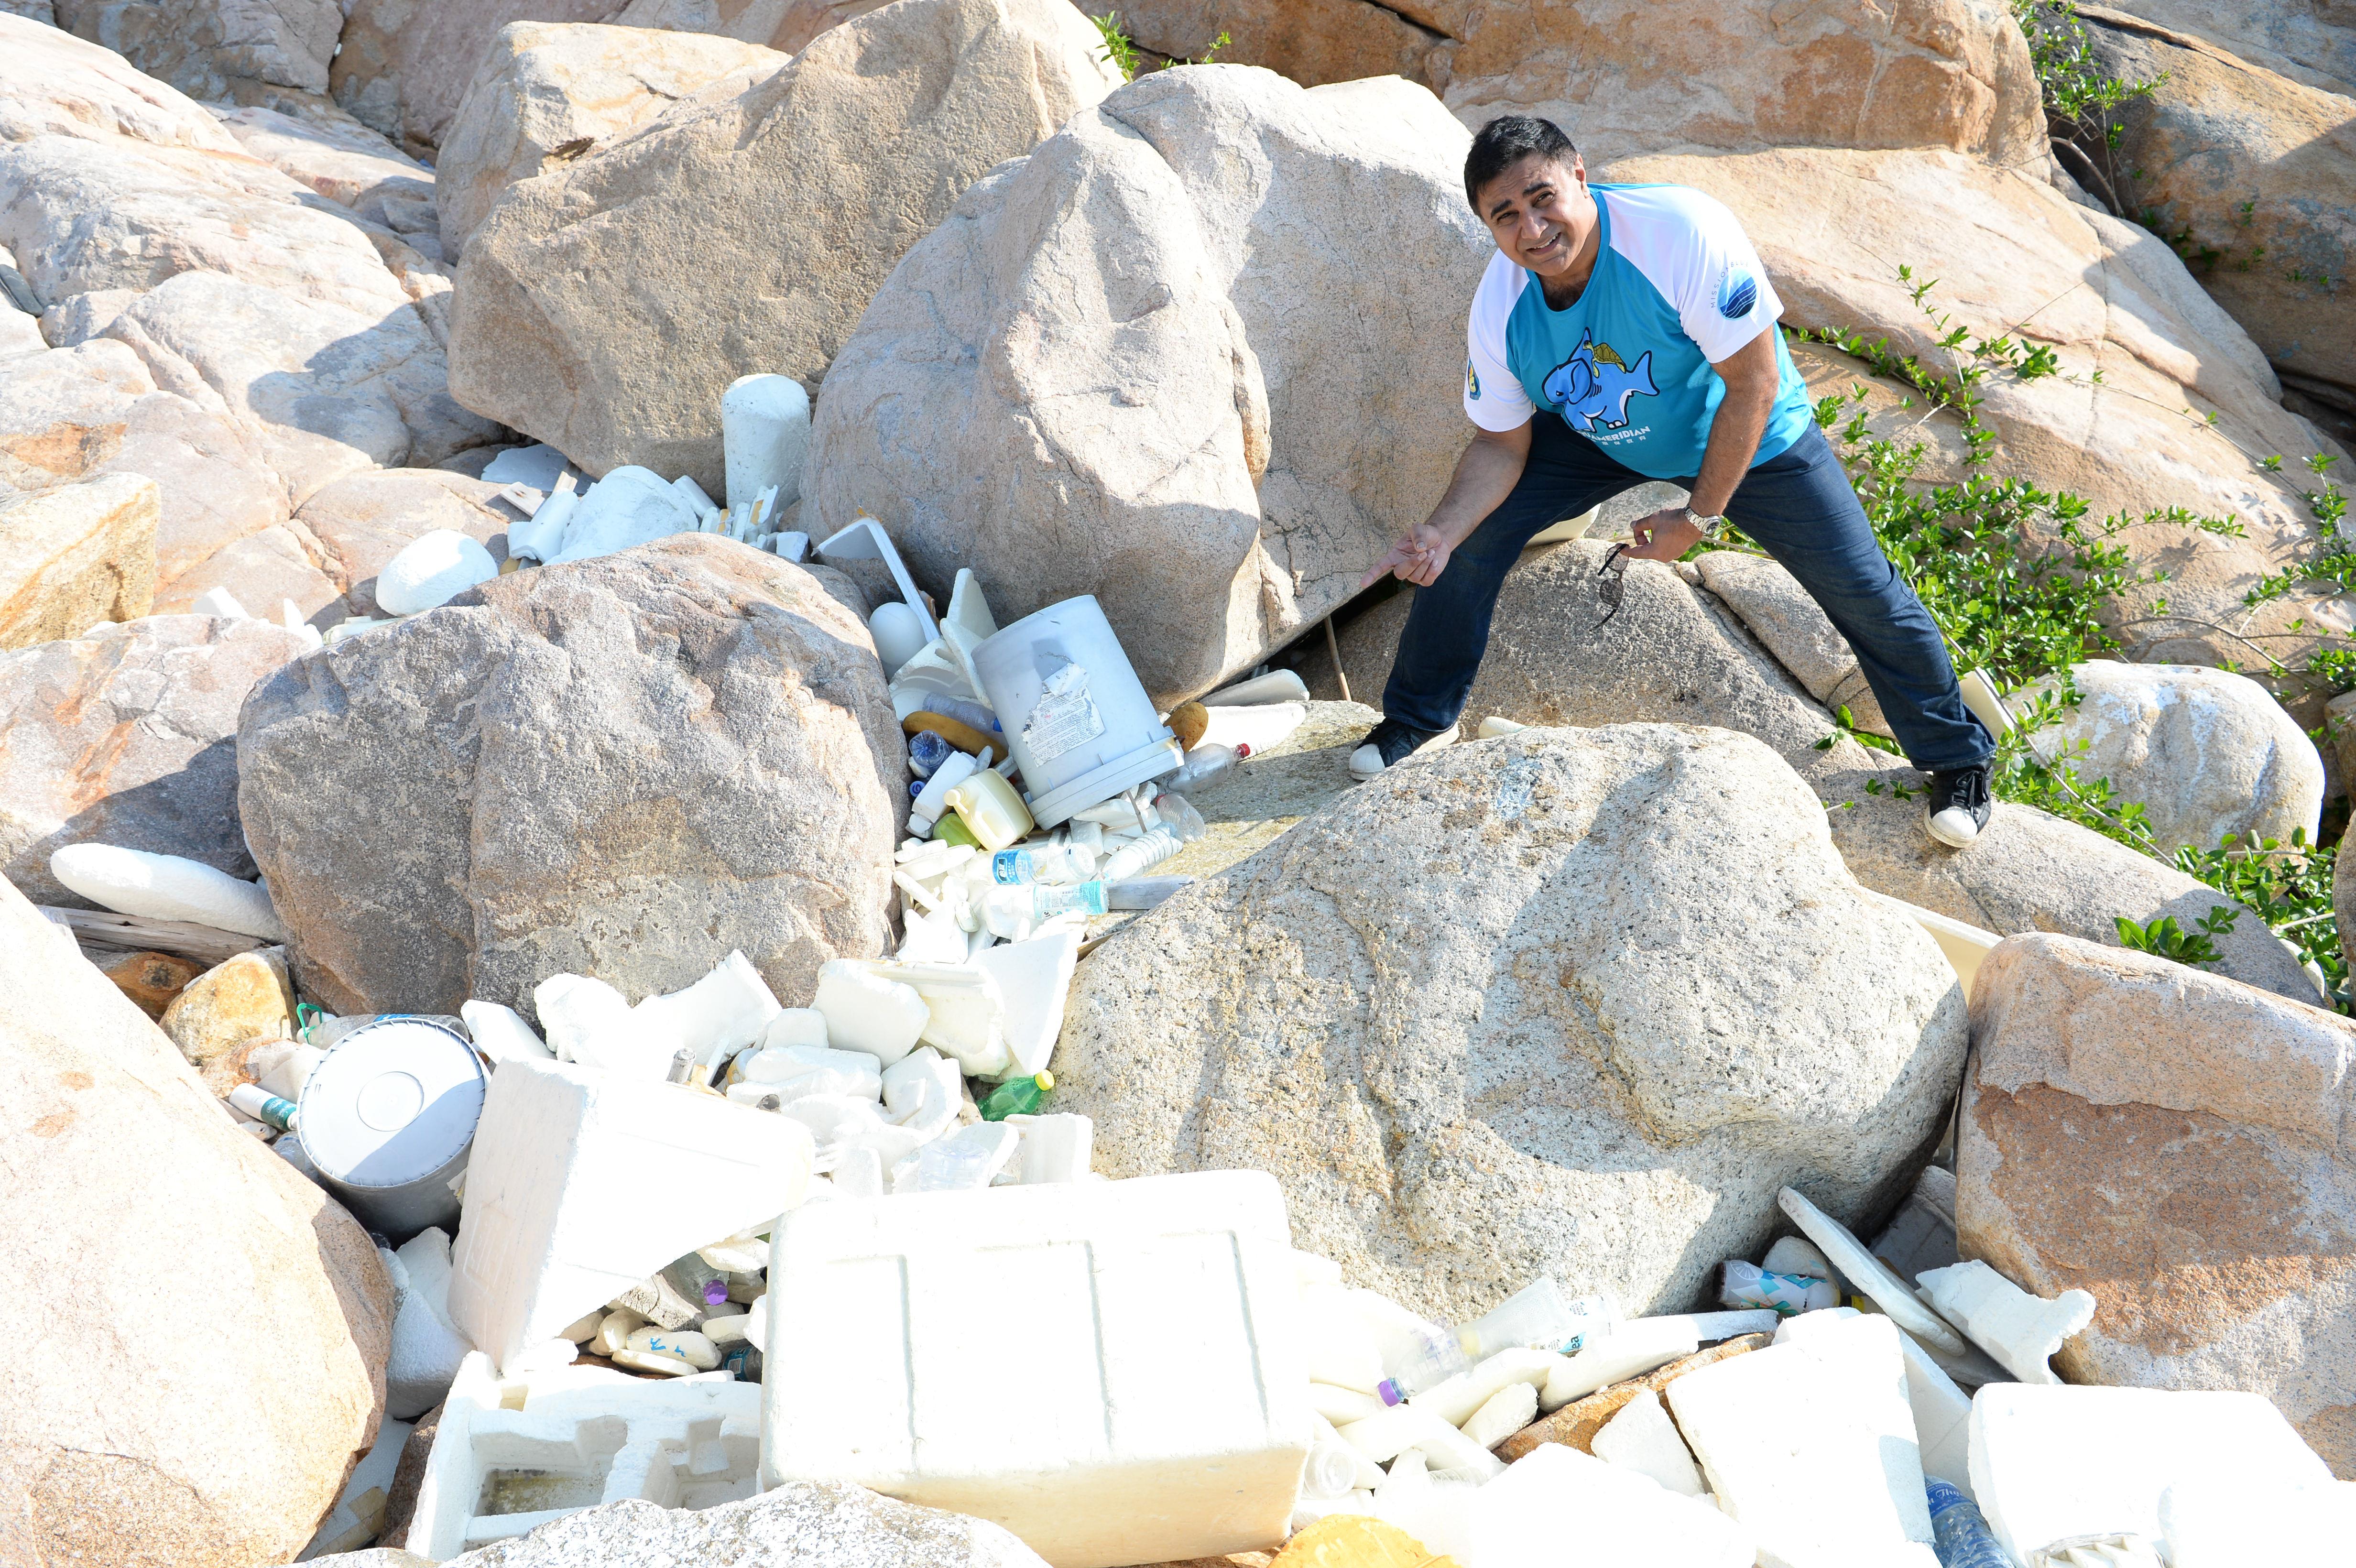 喬寶寶見到發泡膠遍佈石灣上,造成環境污染。